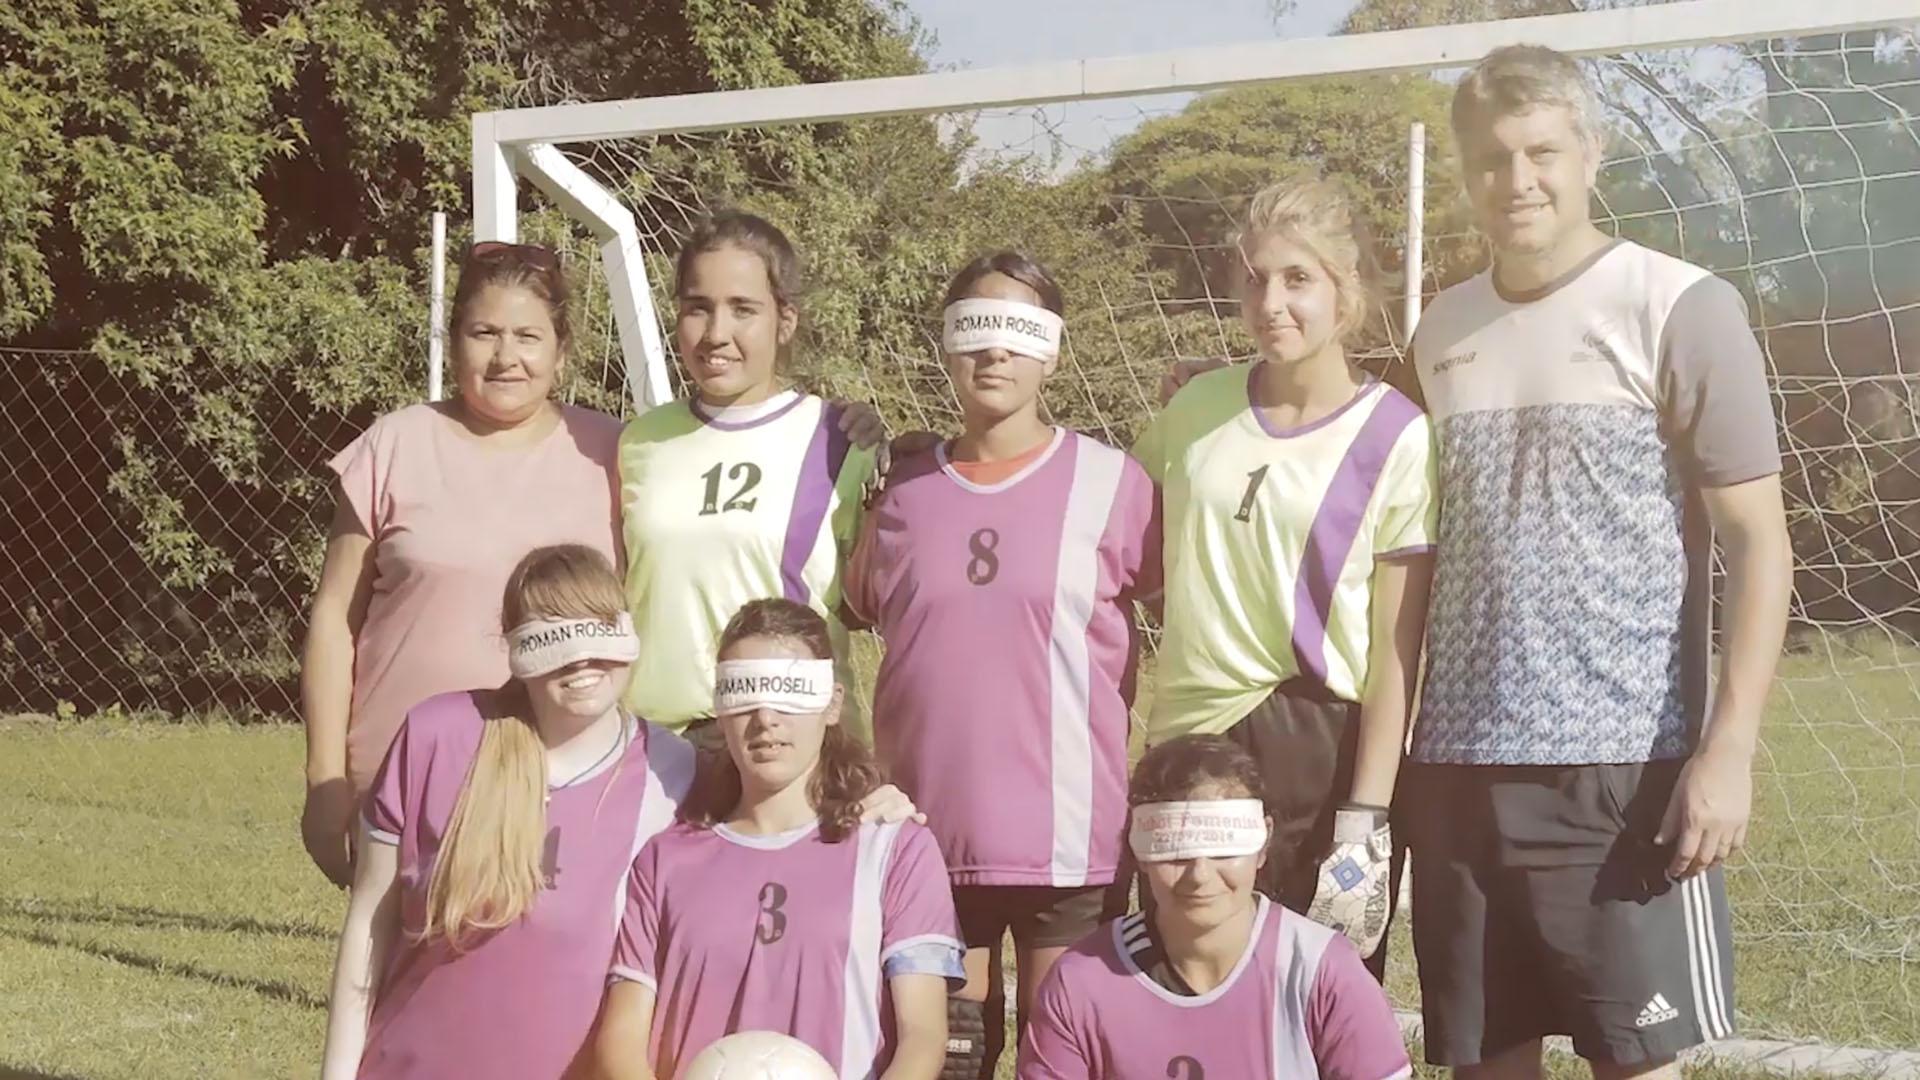 Las jugadoras con Darío Lencina, director técnico de Las Romanas y arquero de Los Murciélagos